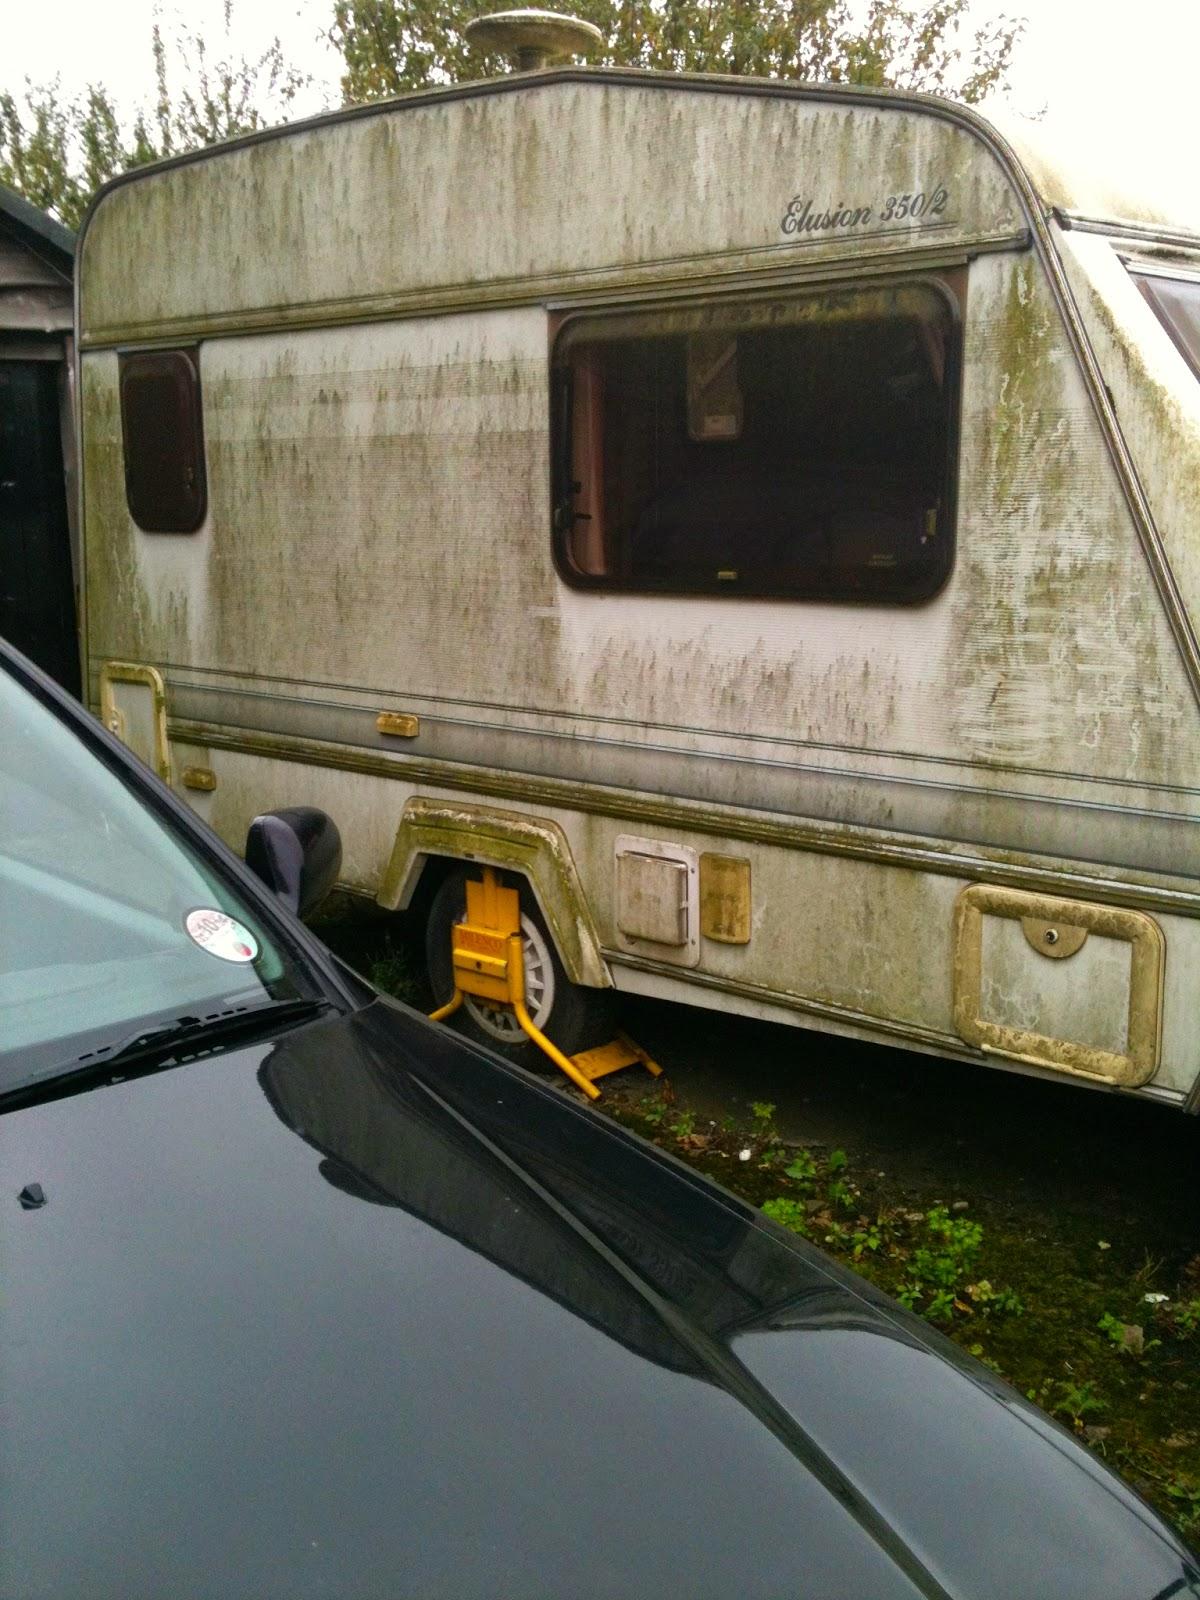 Caravan Damp Repair - Elddis Elusion 350/2 from 1994: My